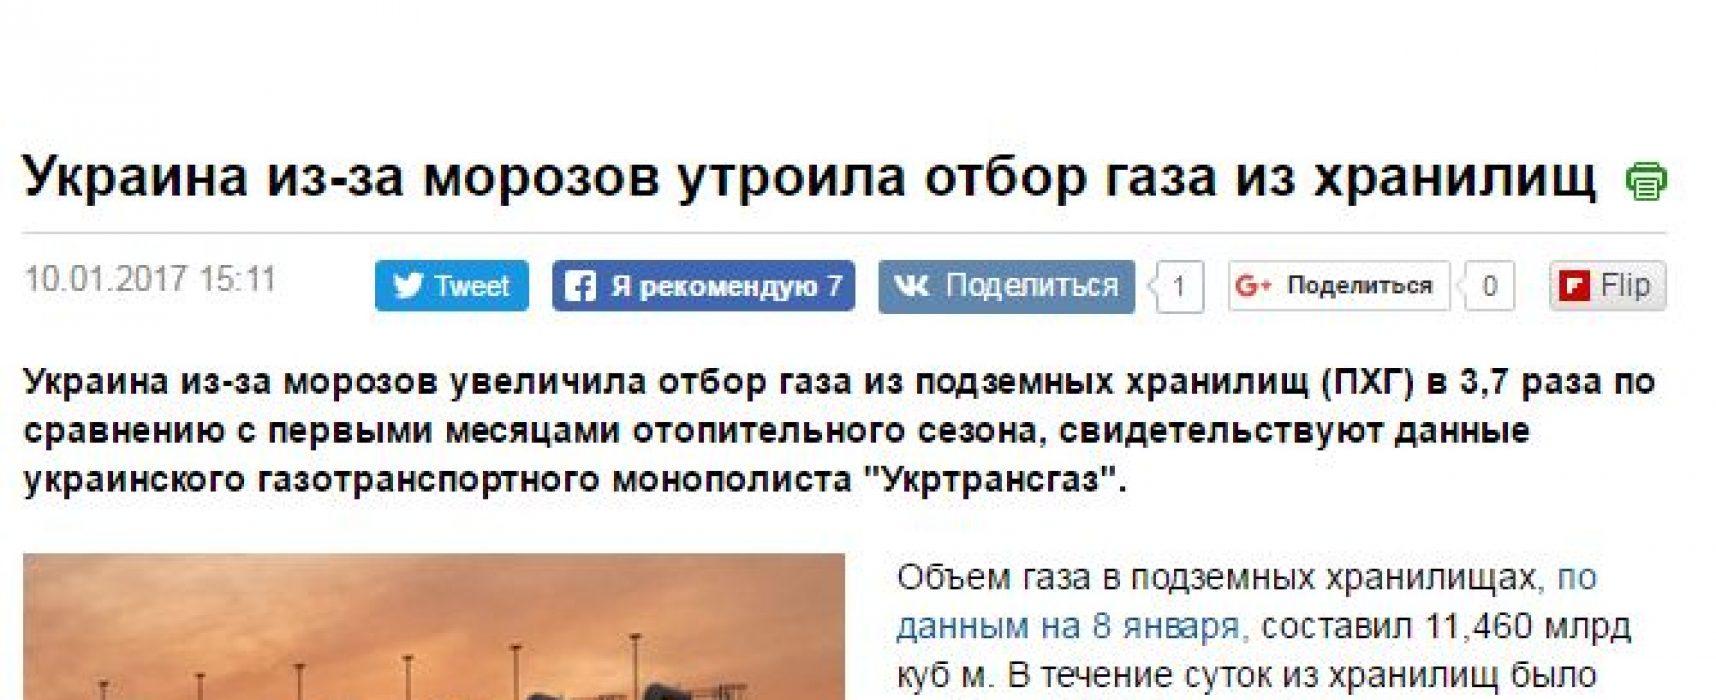 Fake: Kvůli mrazům Ukrajina zdvojnásobila spotřebu plynu ze zásobníků